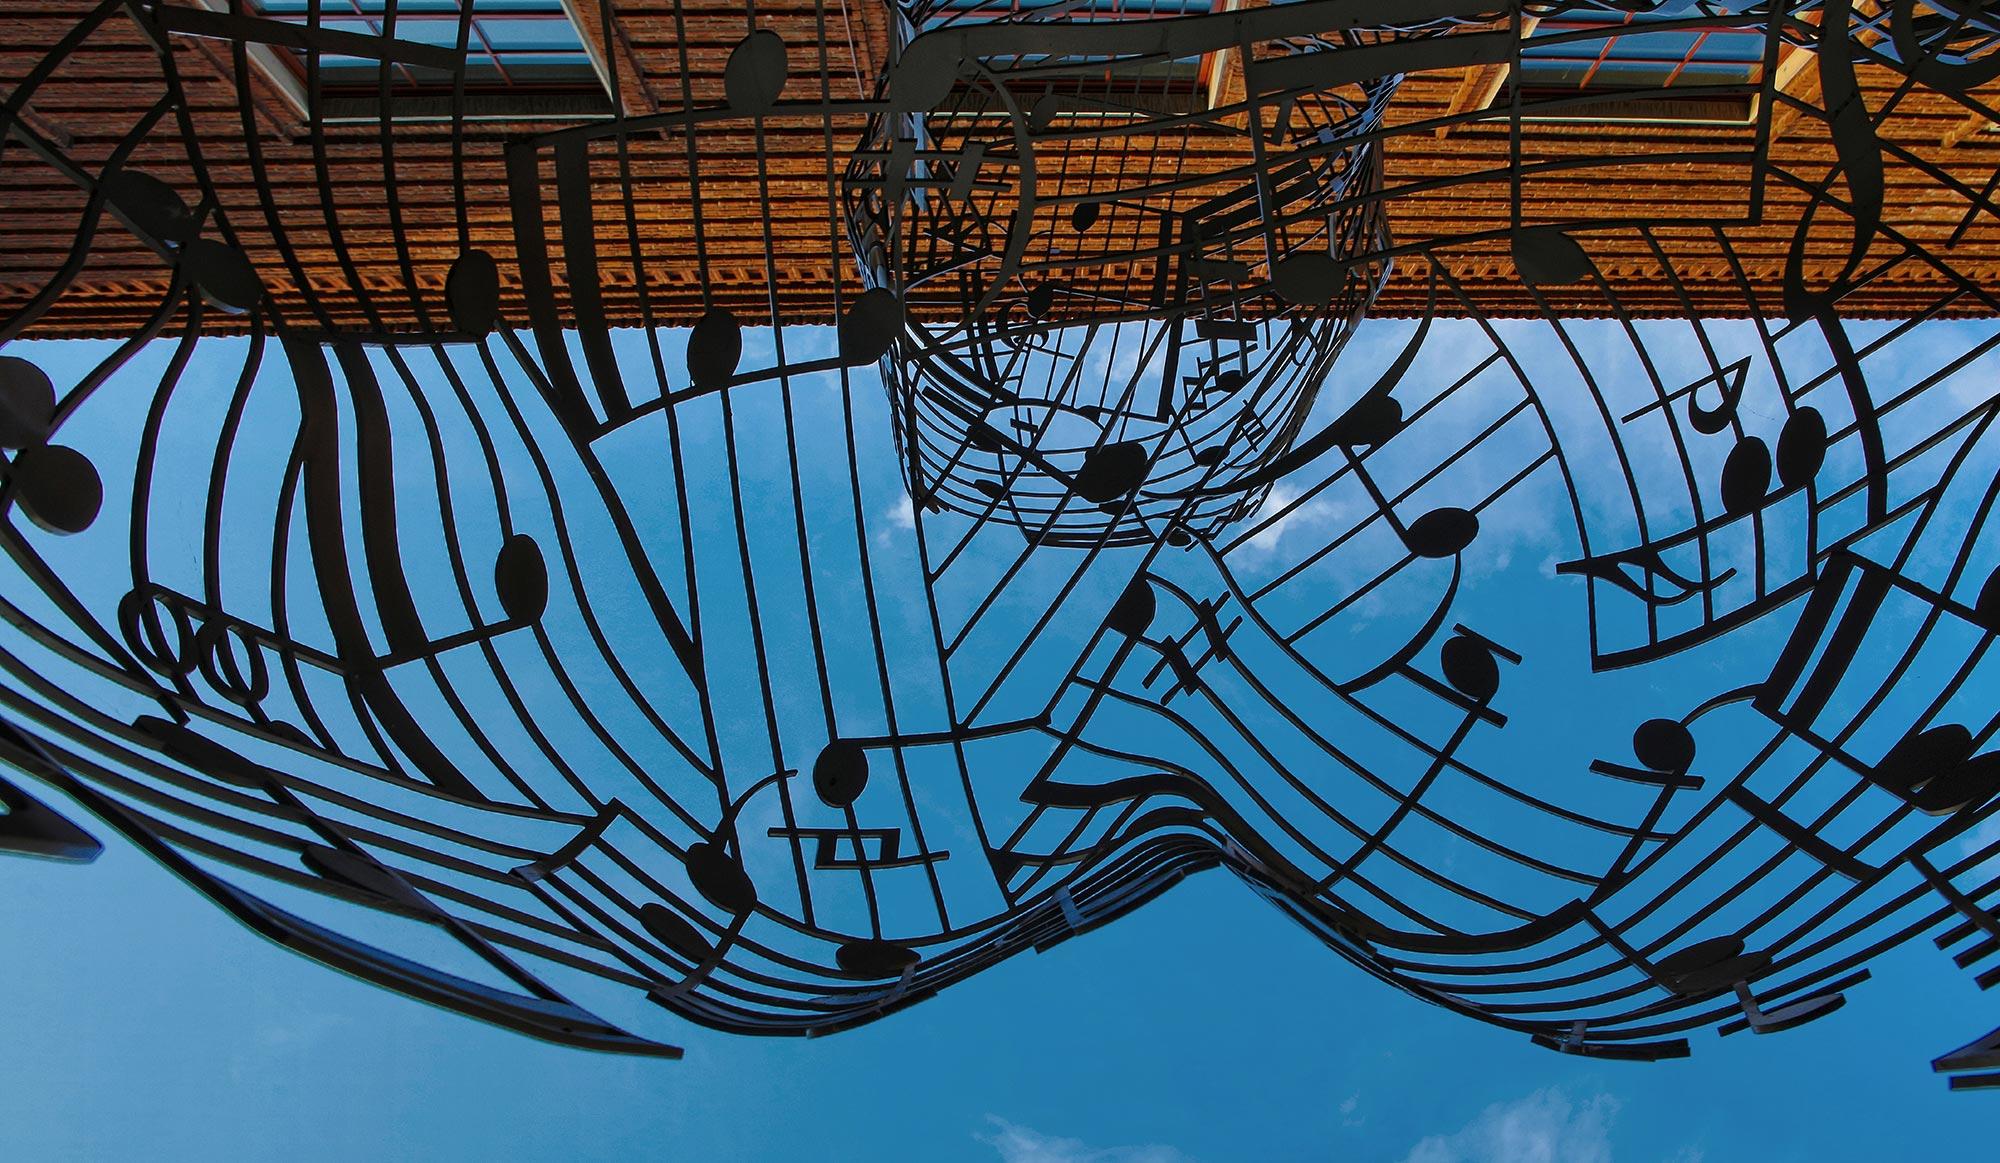 Фотография: Ricardo Gomez. Источник: Unsplash.com